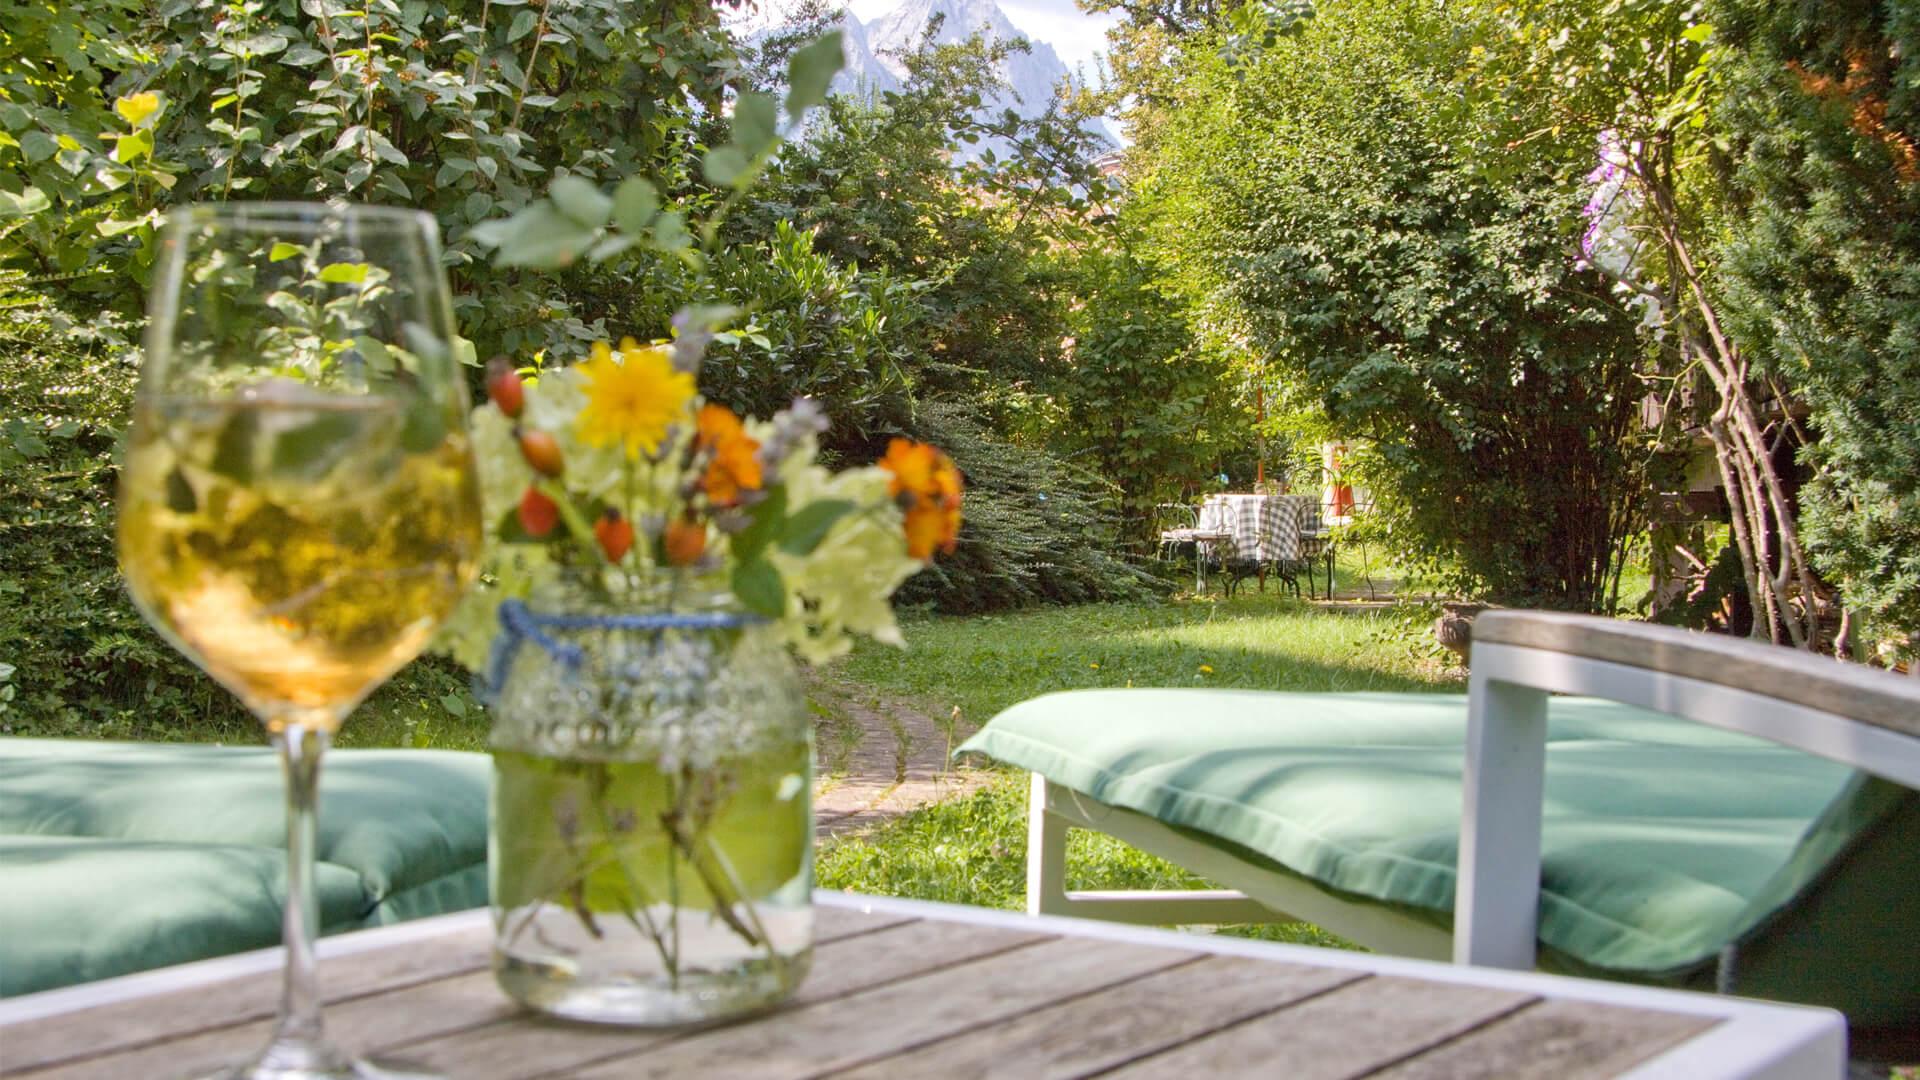 Urlaub in Garmisch-Partenkirchen – Der Garten im Biohotel Bavaria